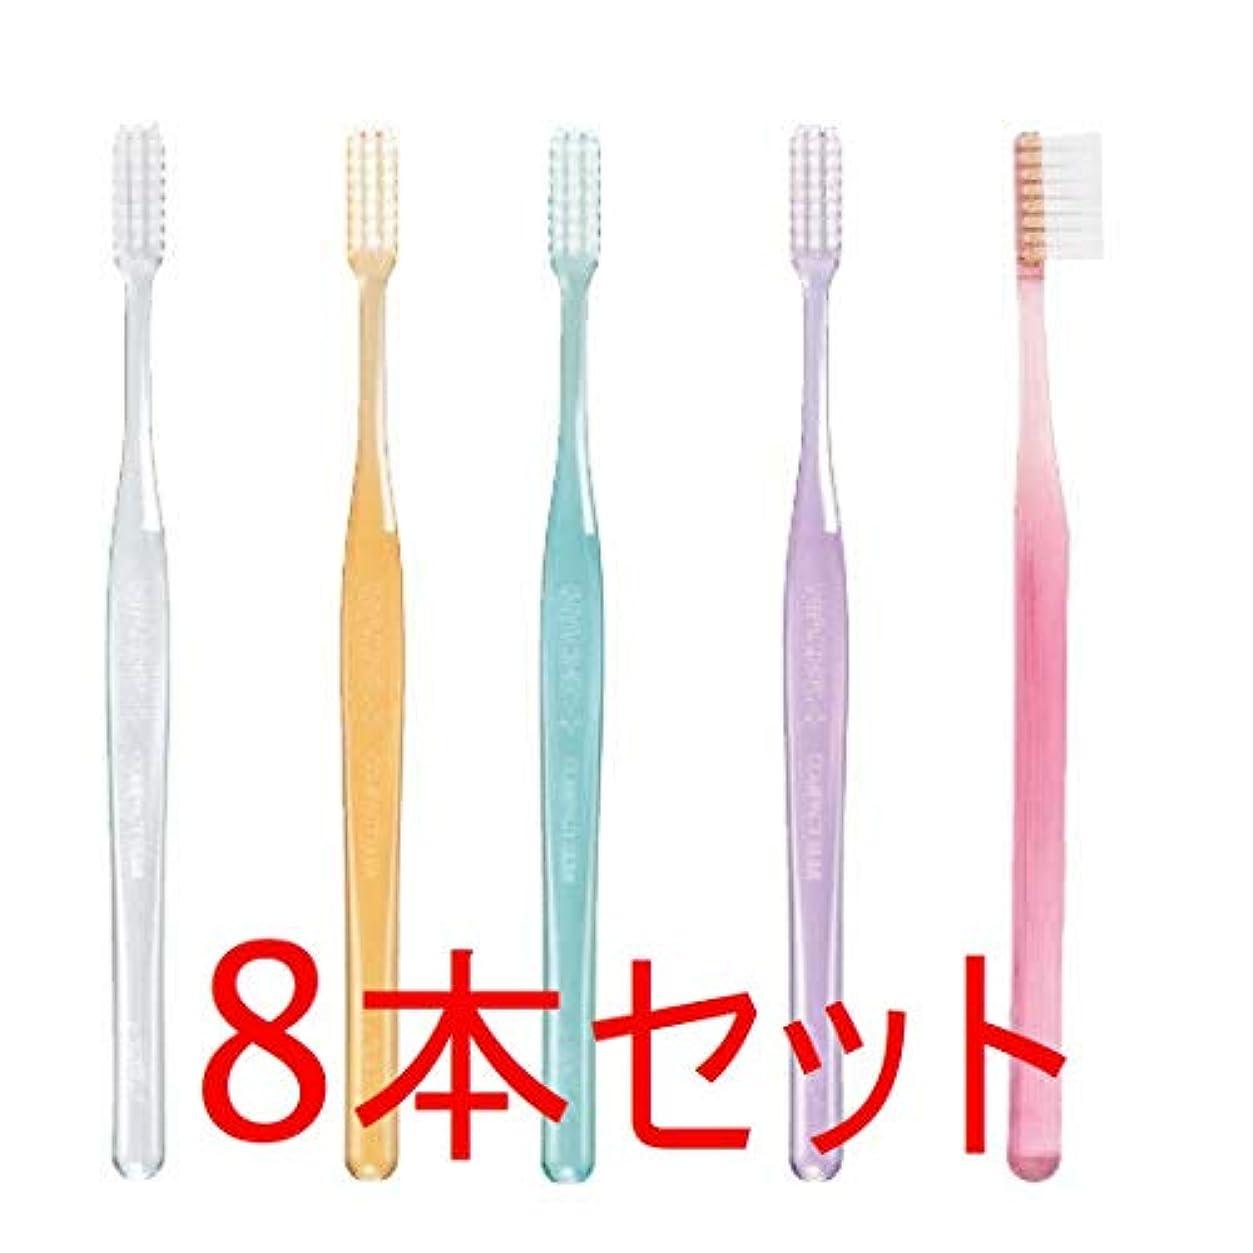 センター適用済みインチGC プロスペック 歯ブラシ プラス コンパクトスリム 8本 クリアー色 (M(ふつう), おまかせ)